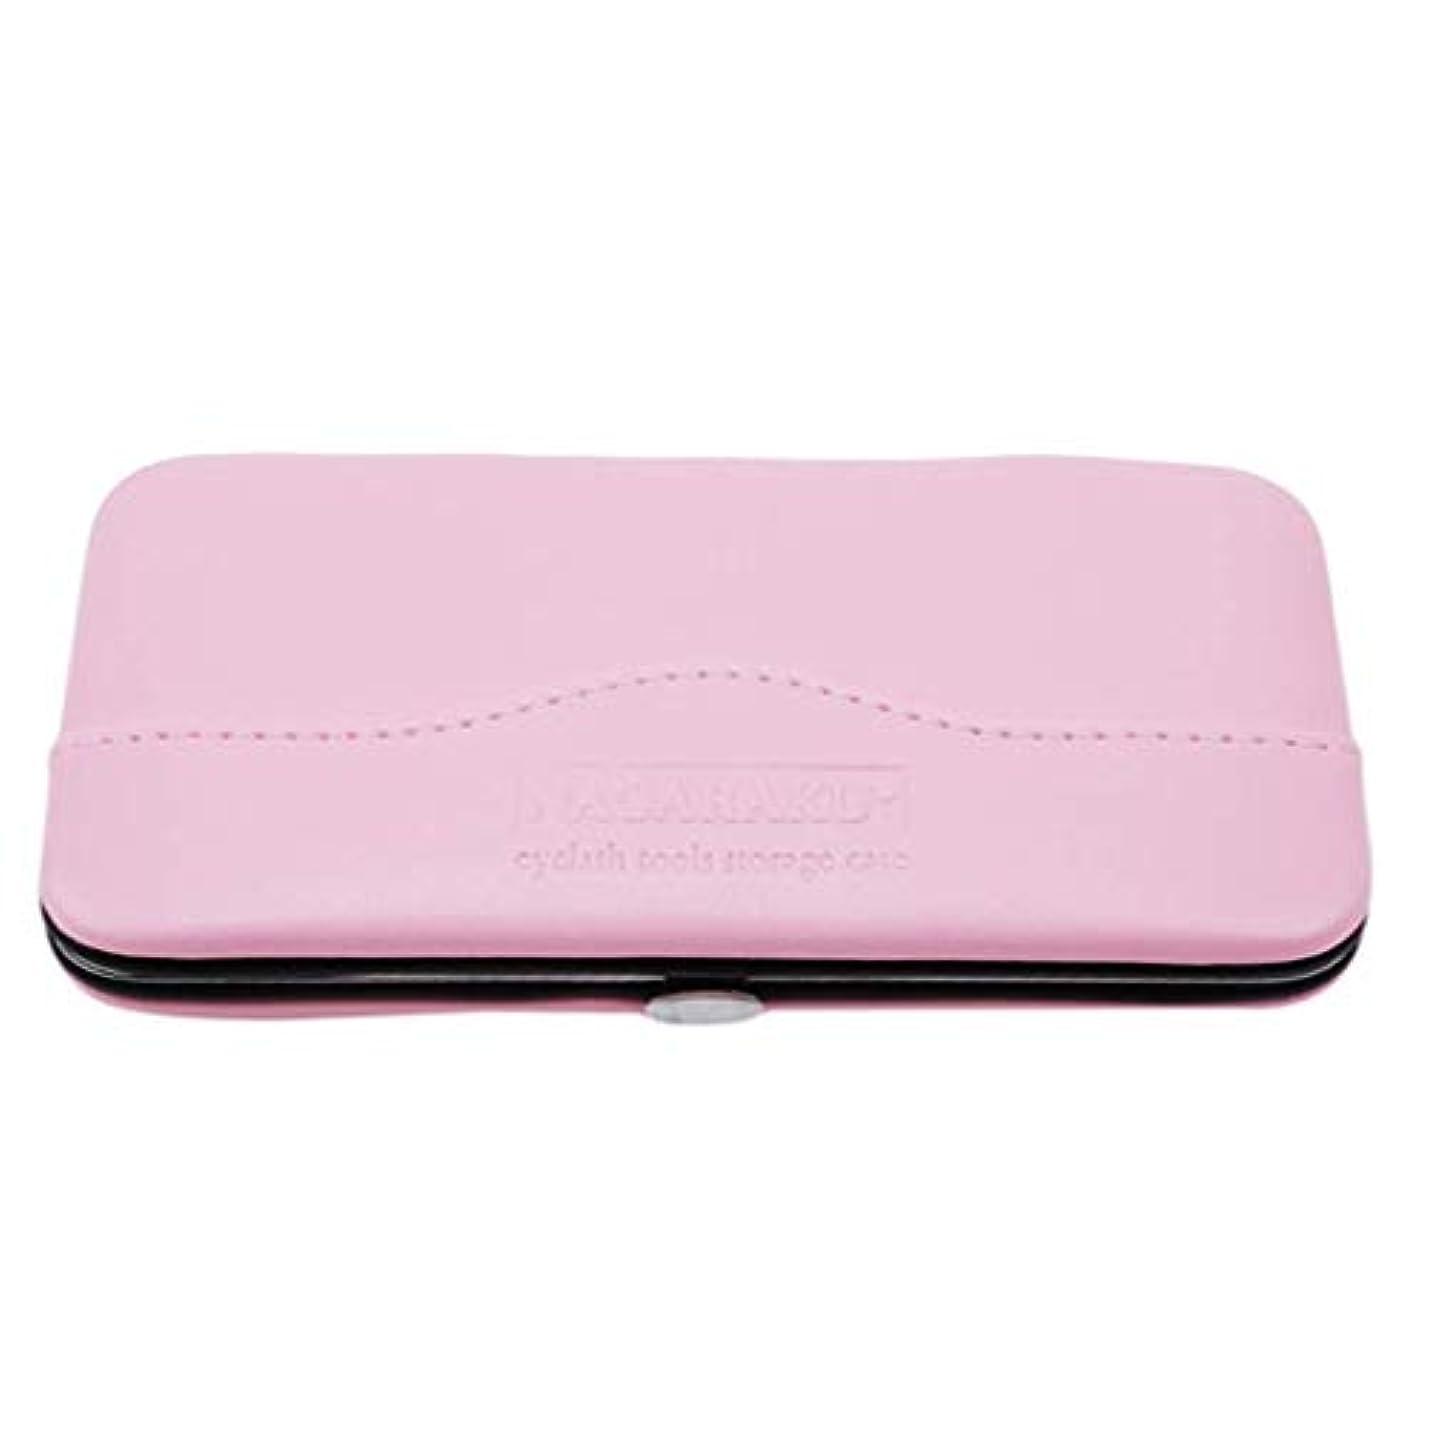 人質率直な形状1st market プレミアム品質1ピース化粧道具バッグ用まつげエクステンションピンセット収納ボックスケース